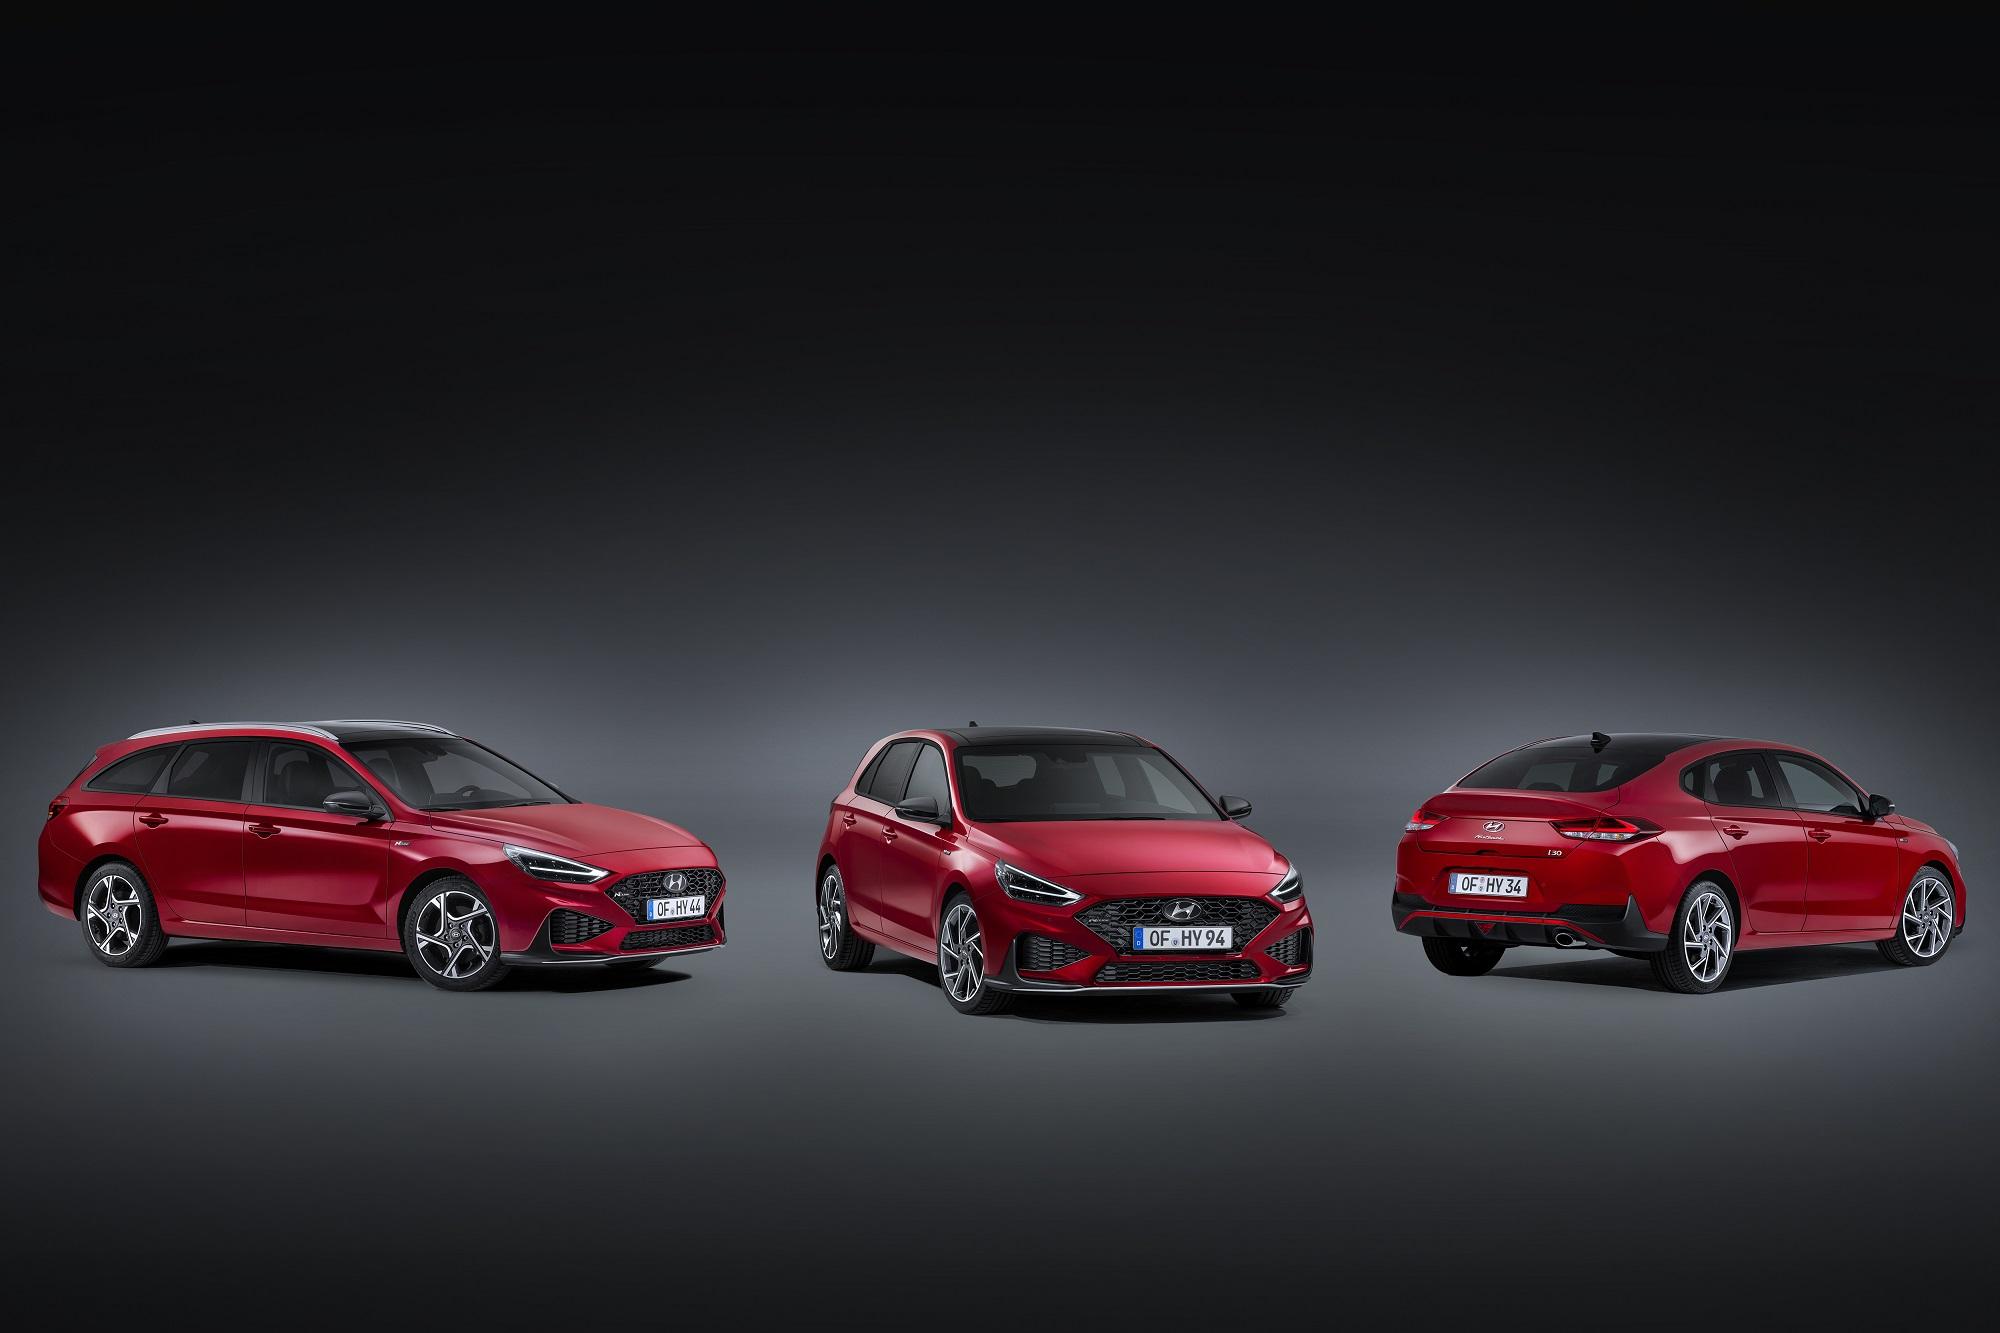 Hyundai spúšťa výrobu modernizovaného modelu i30